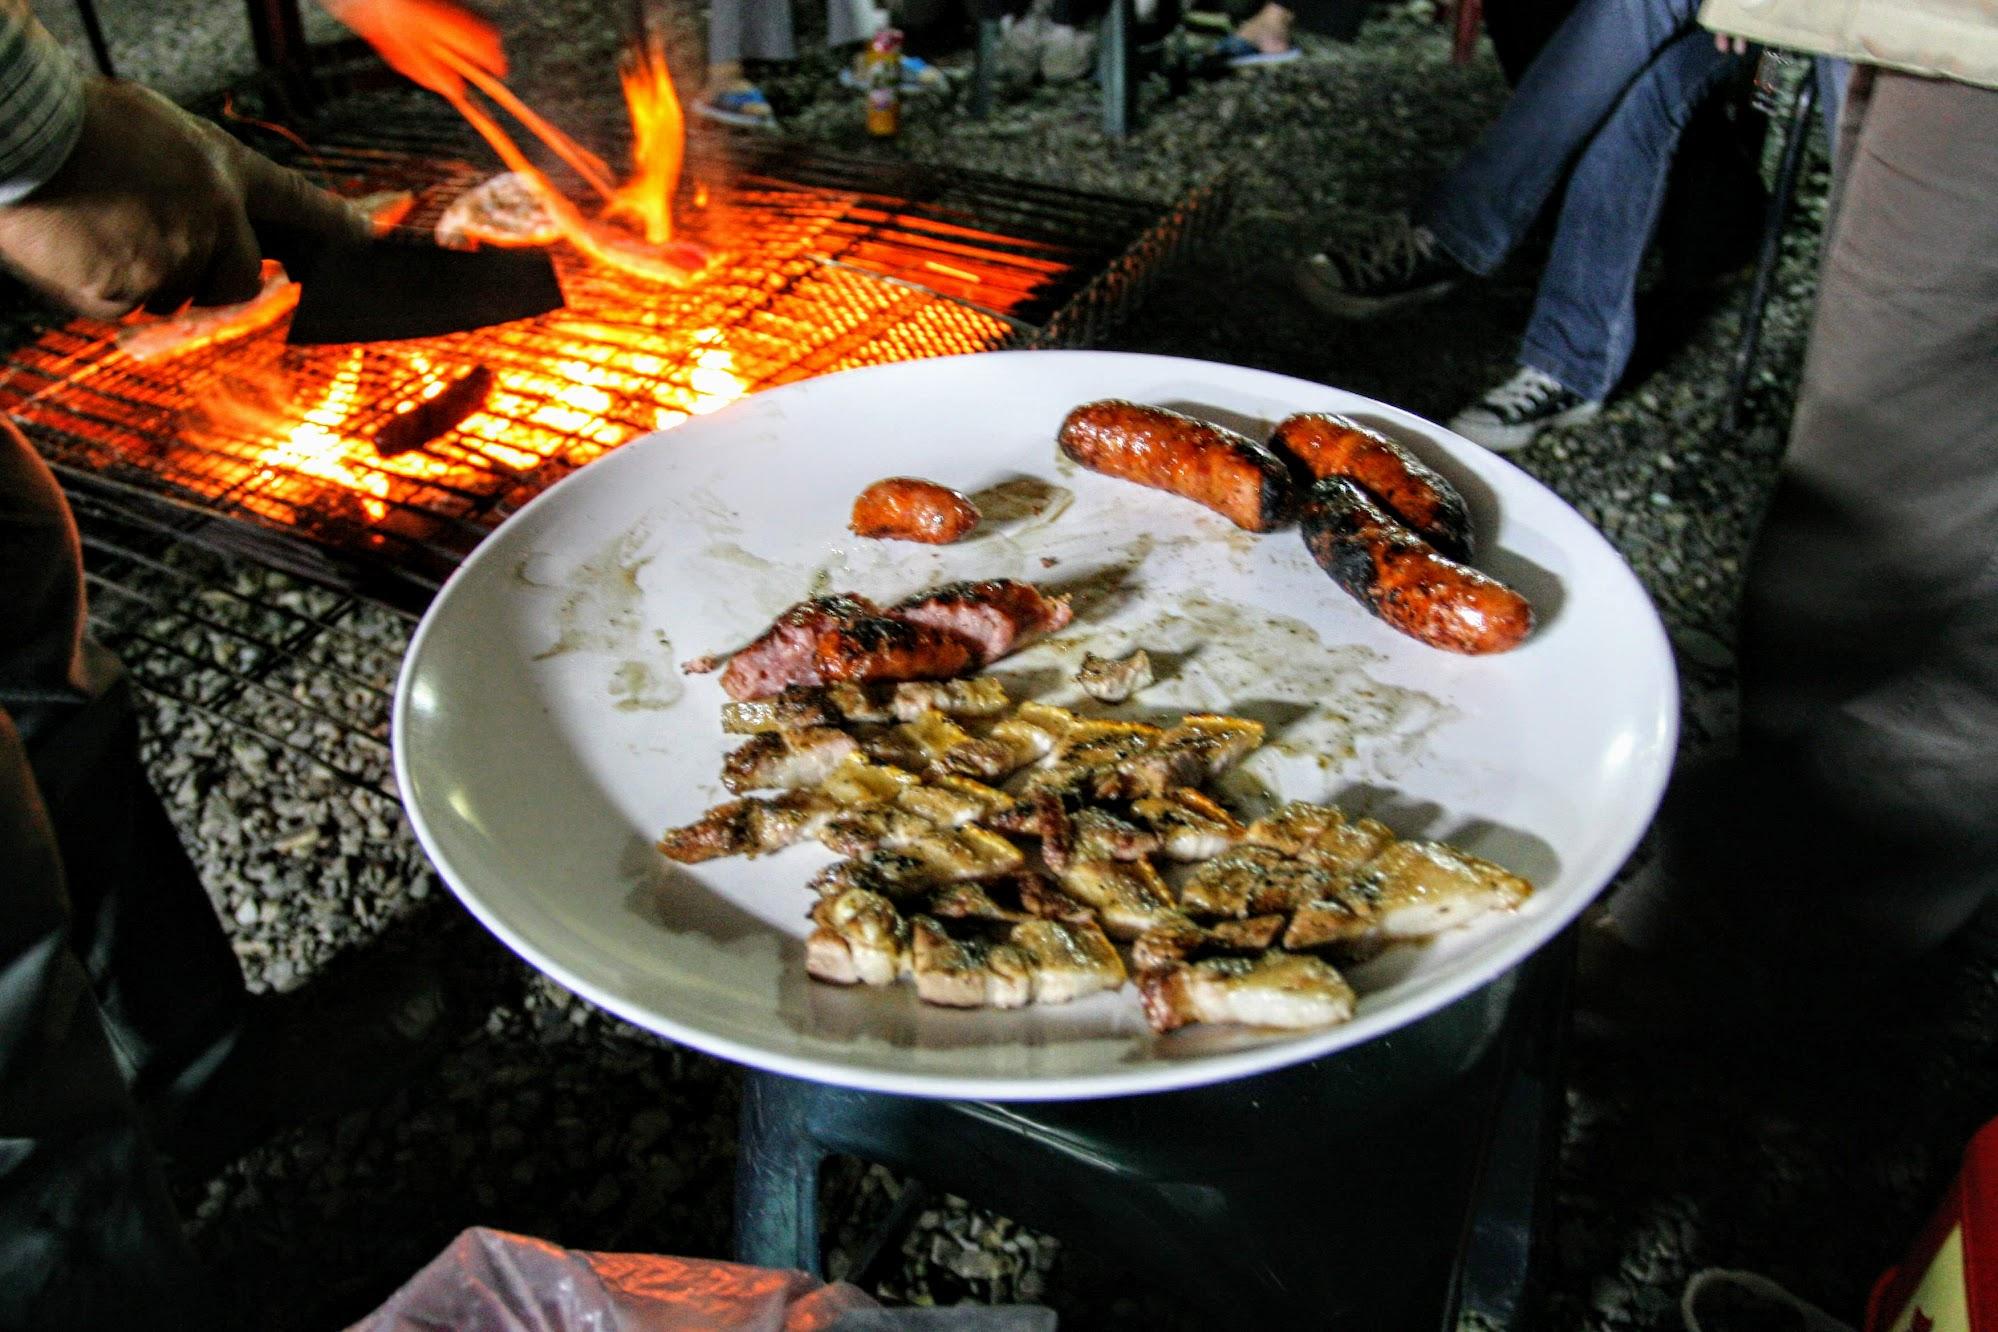 吃肉要怎吃呢? 聽廖爸爸說布農族的傳統是食物繞一圈,每個人直接抓起來吃,很豪爽的感受....當然,廖爸爸準備盤子放著切好的肉片與香腸大家輪過一圈...